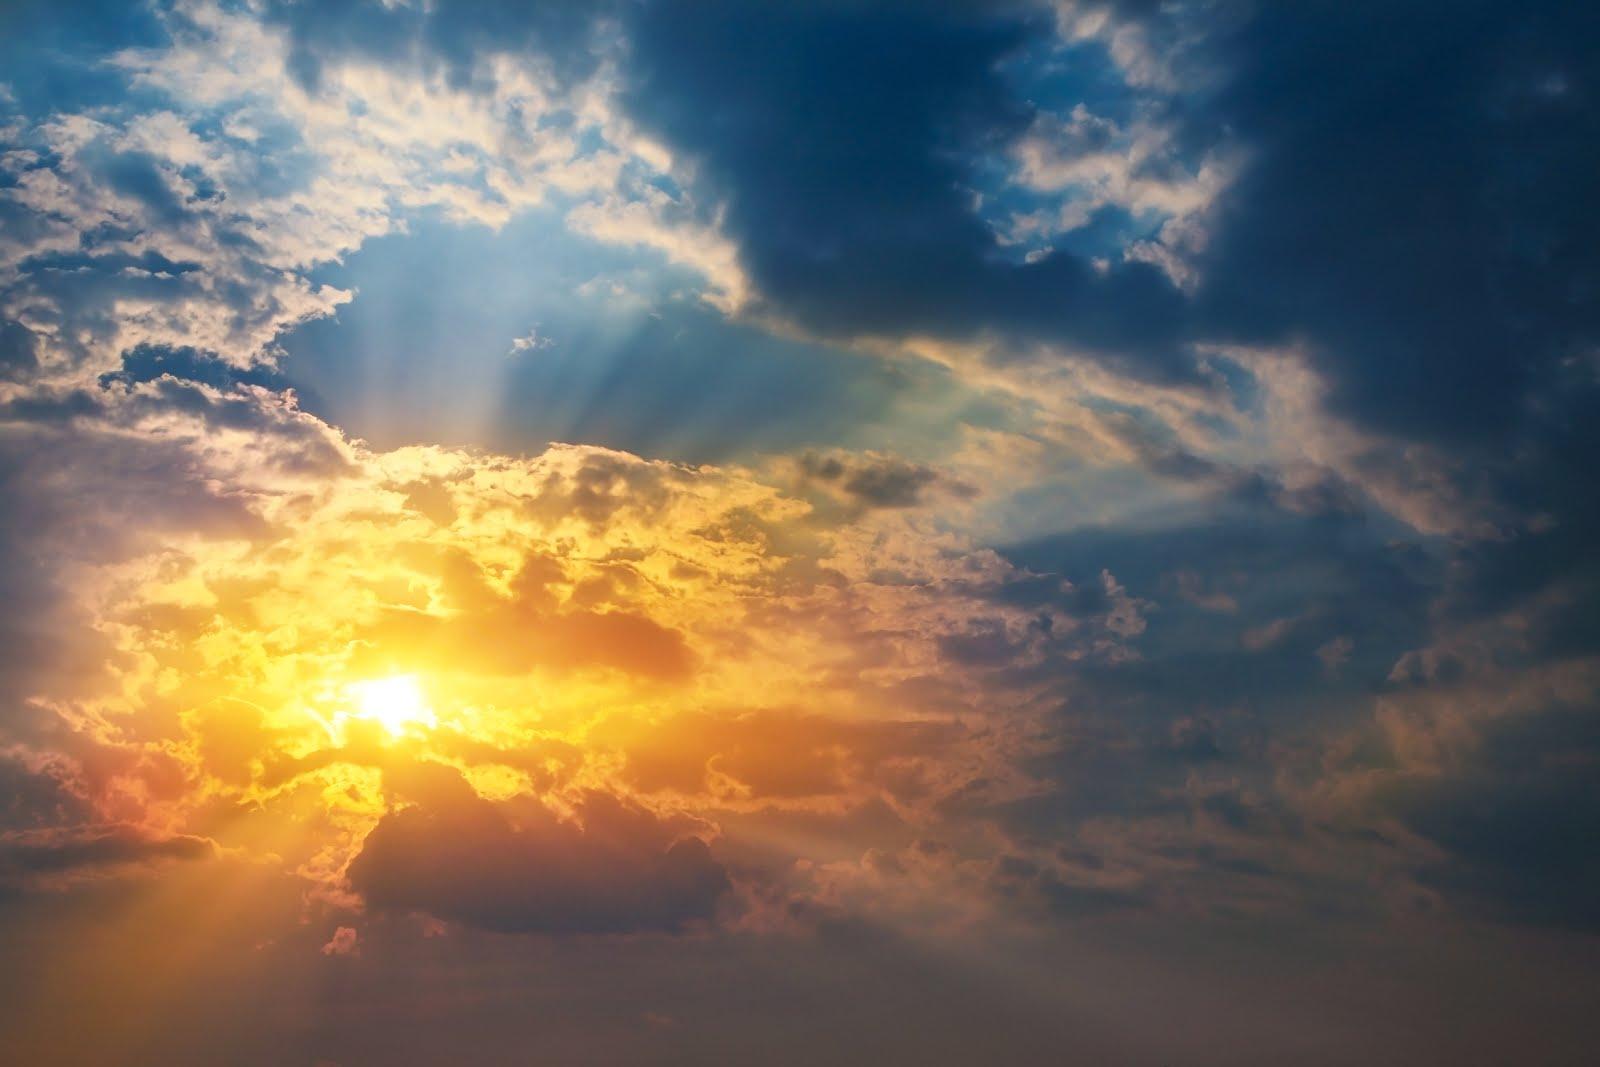 Banco de Imágenes: Amanecer en el cielo con nubes y sol